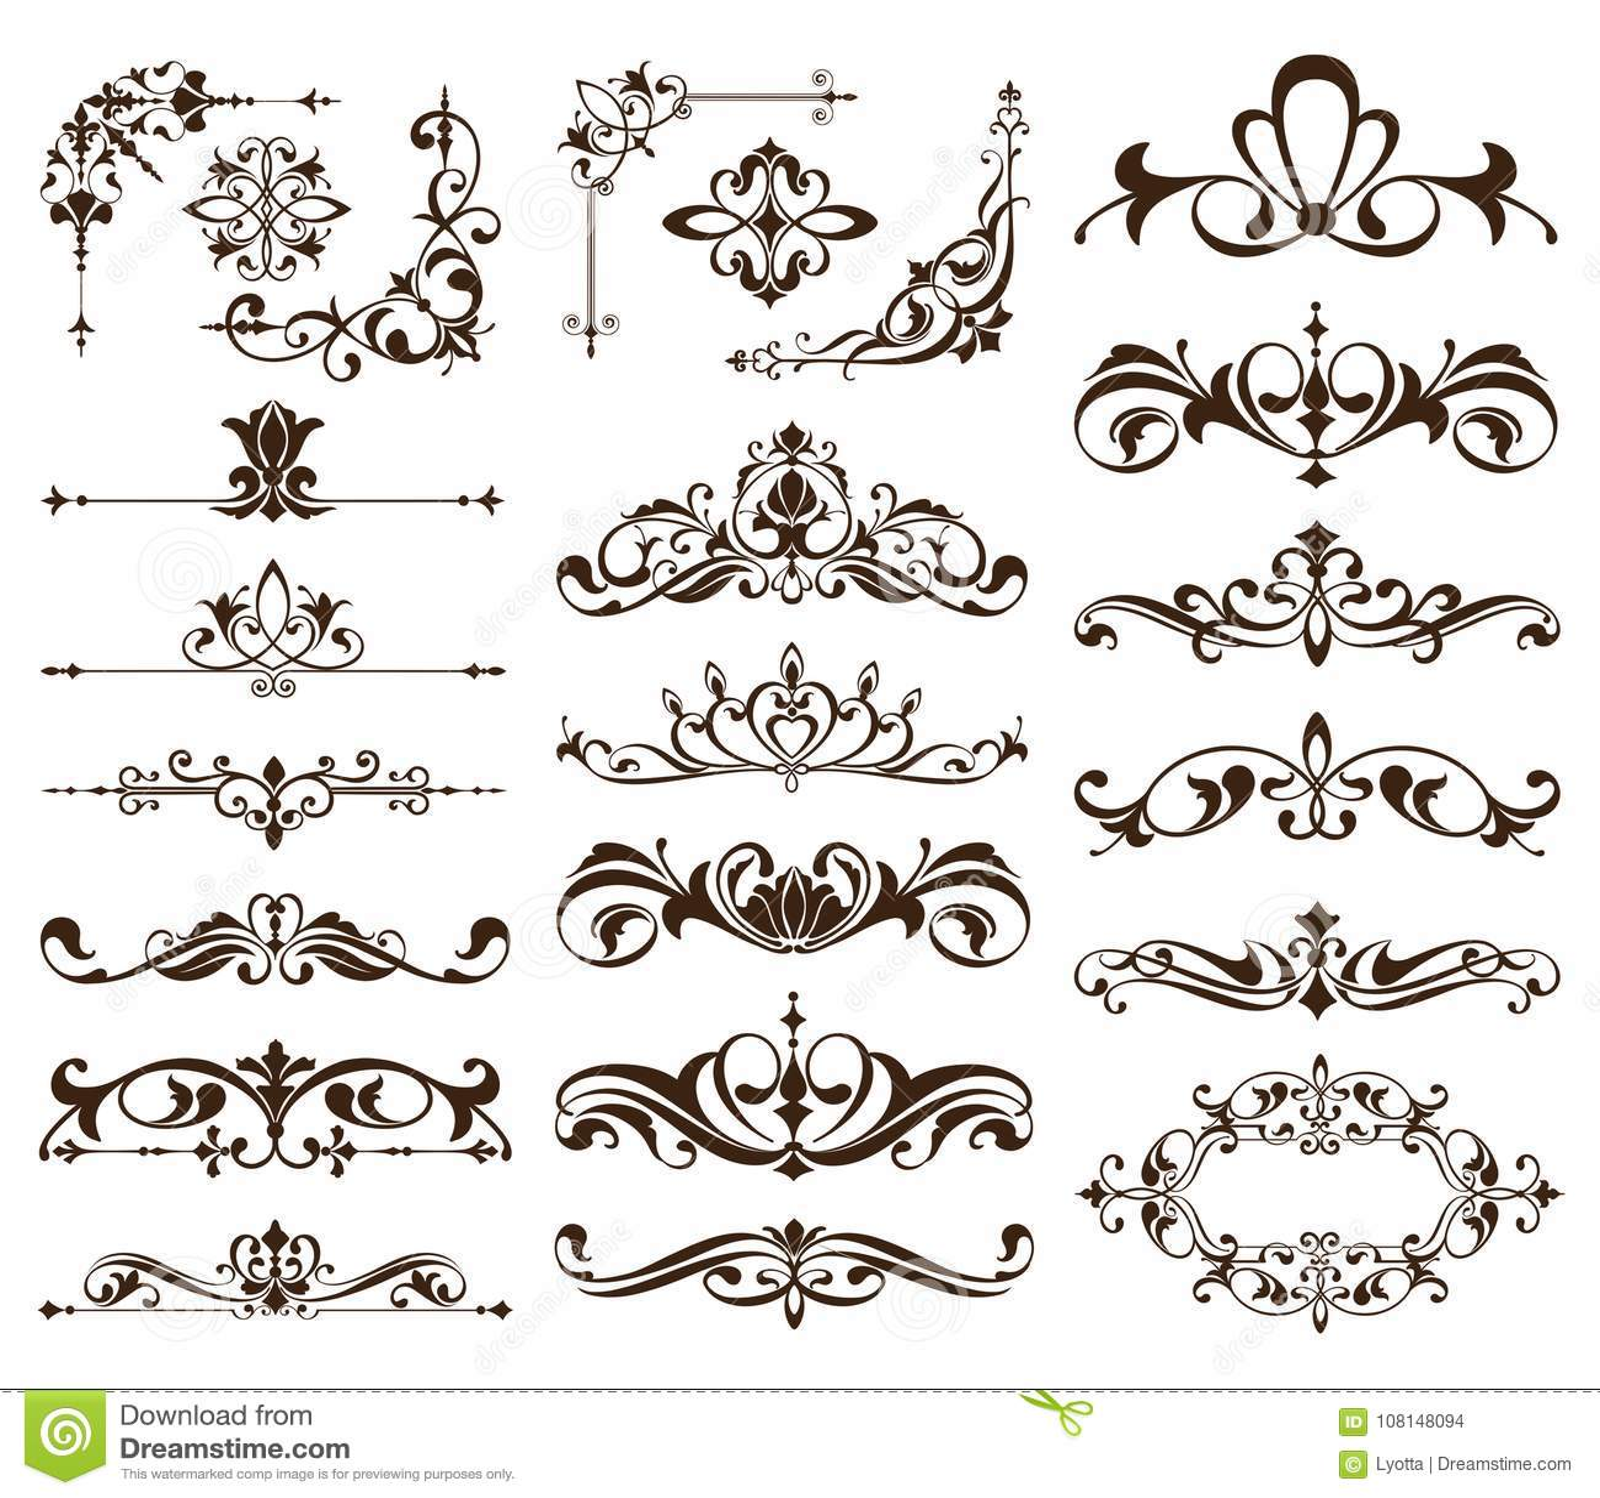 De uitstekende kaders, hoeken, grenzen met gevoelige wervelingen in Art Nouveau voor decoratie en ontwerp werkt met bloemenmotiev